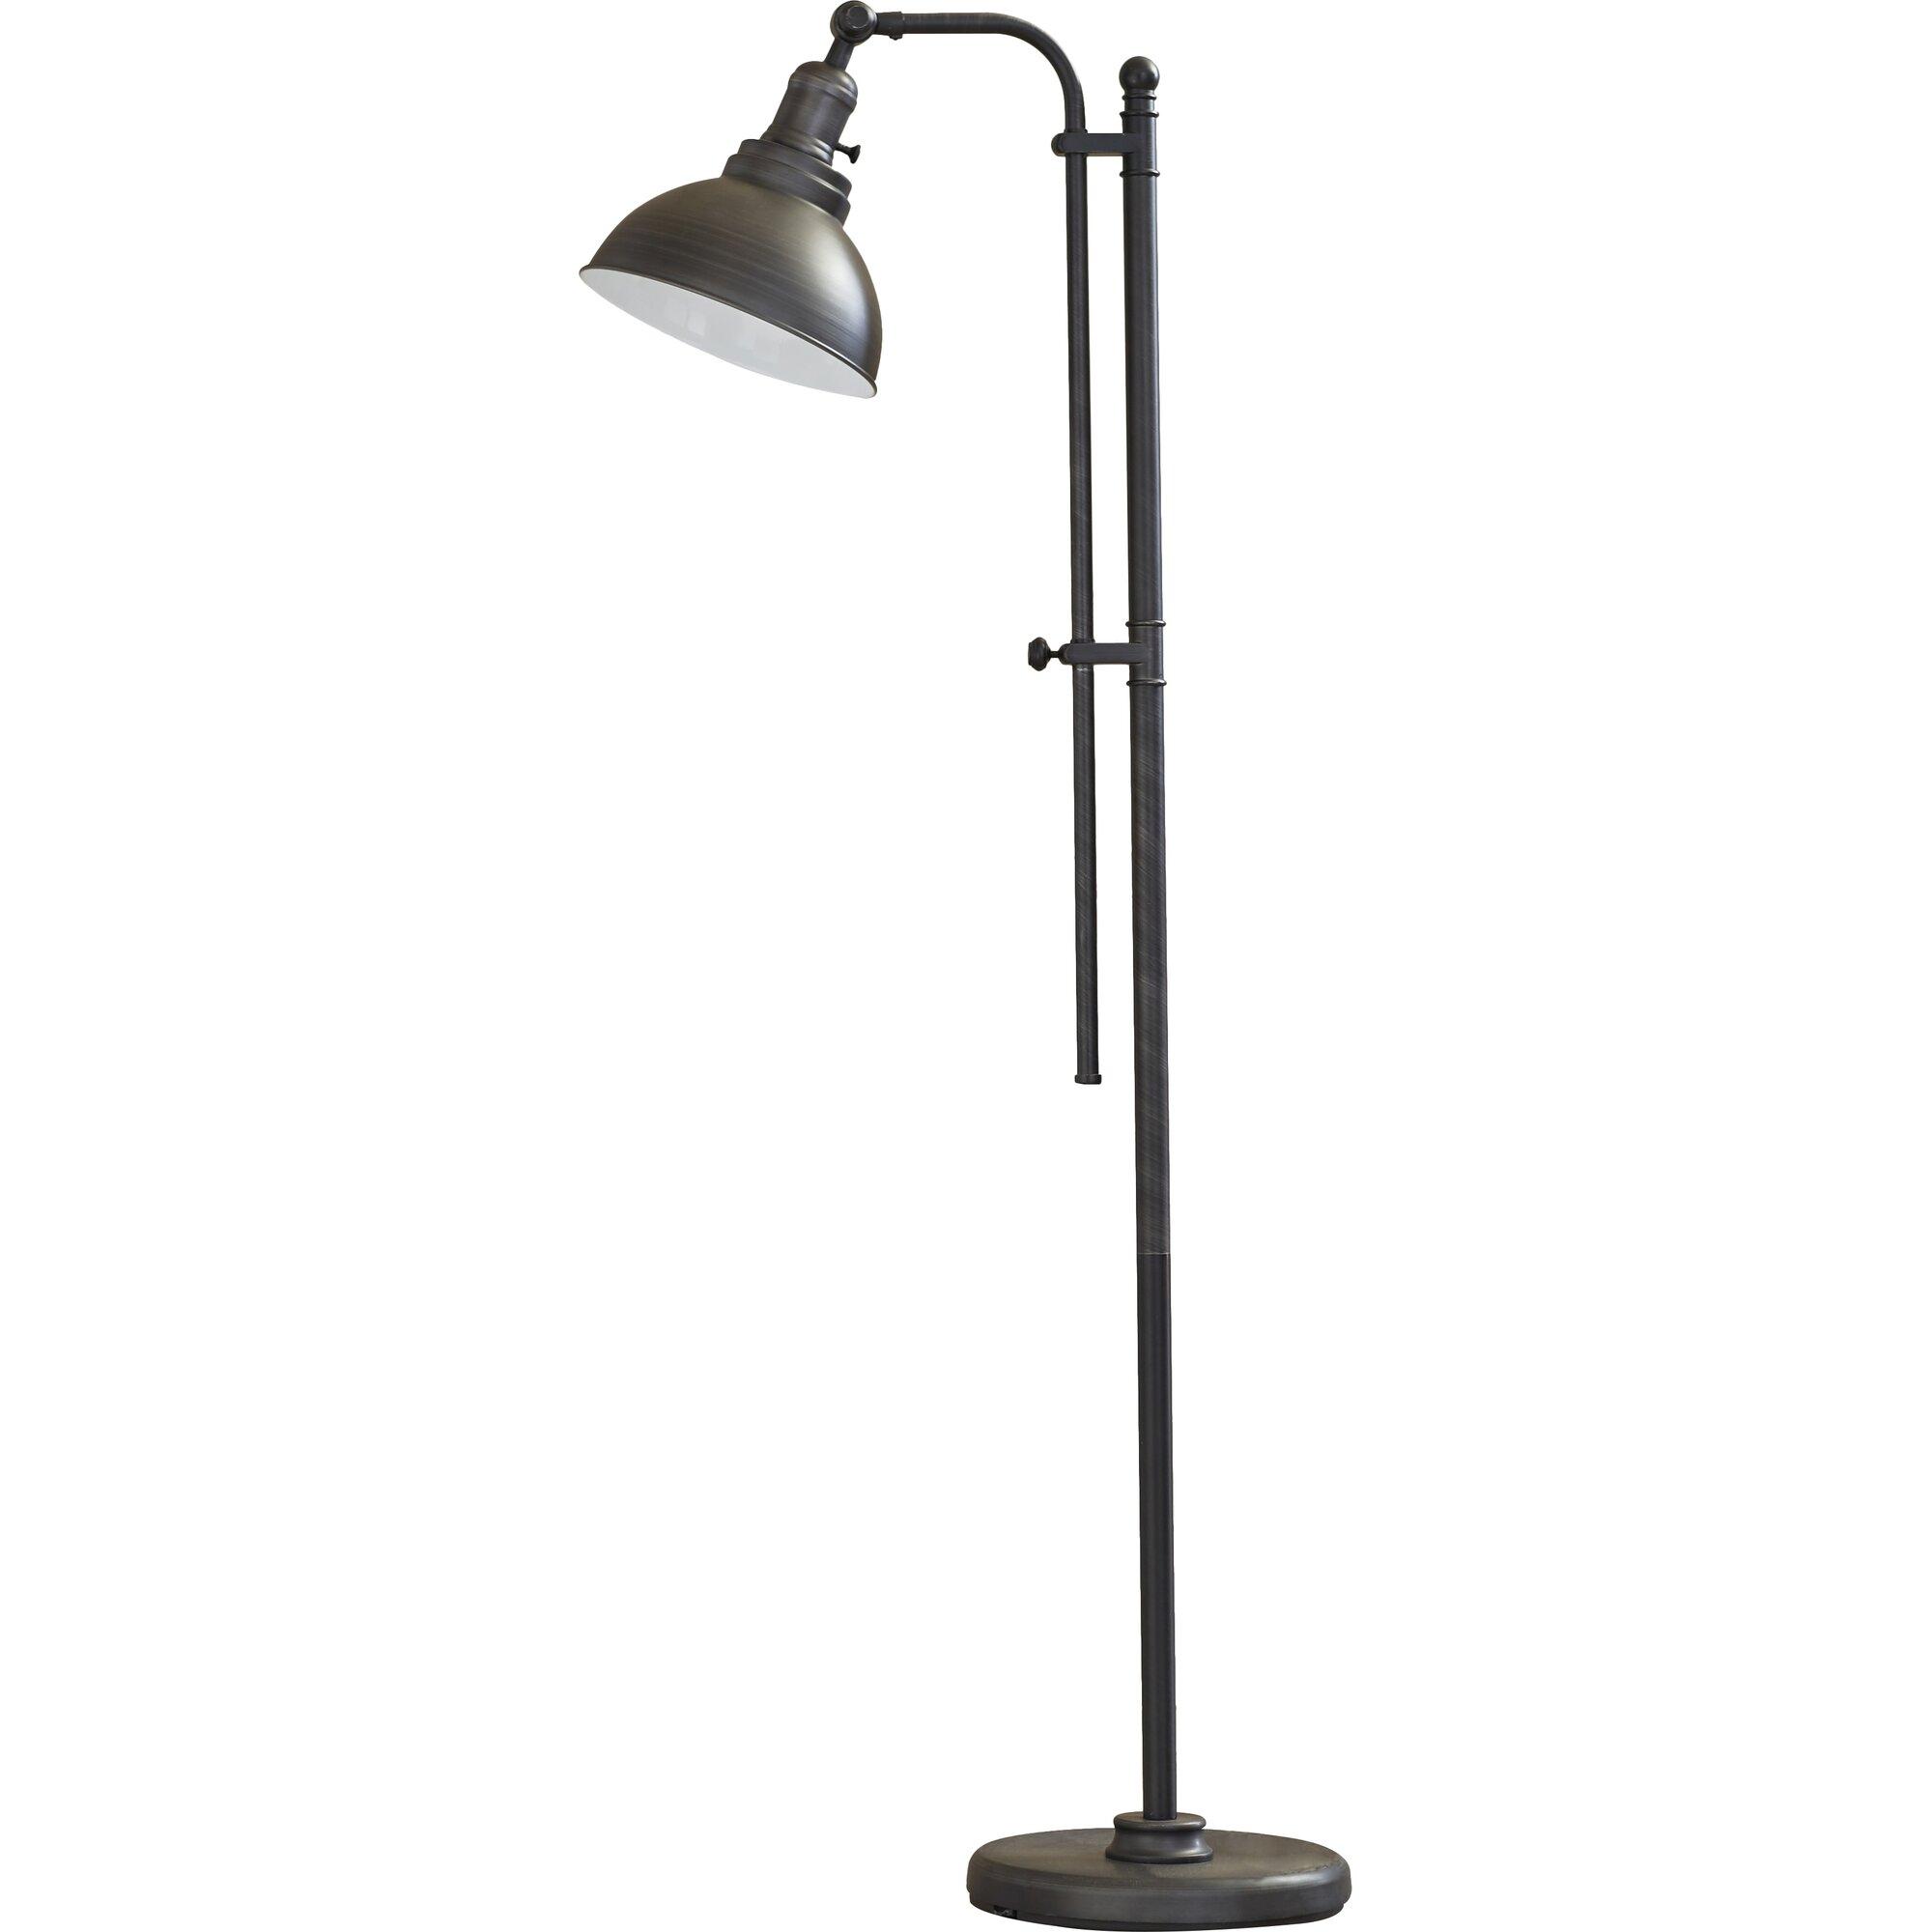 Trent austin design kaibab 65 task floor lamp reviews for Task lighting floor lamp